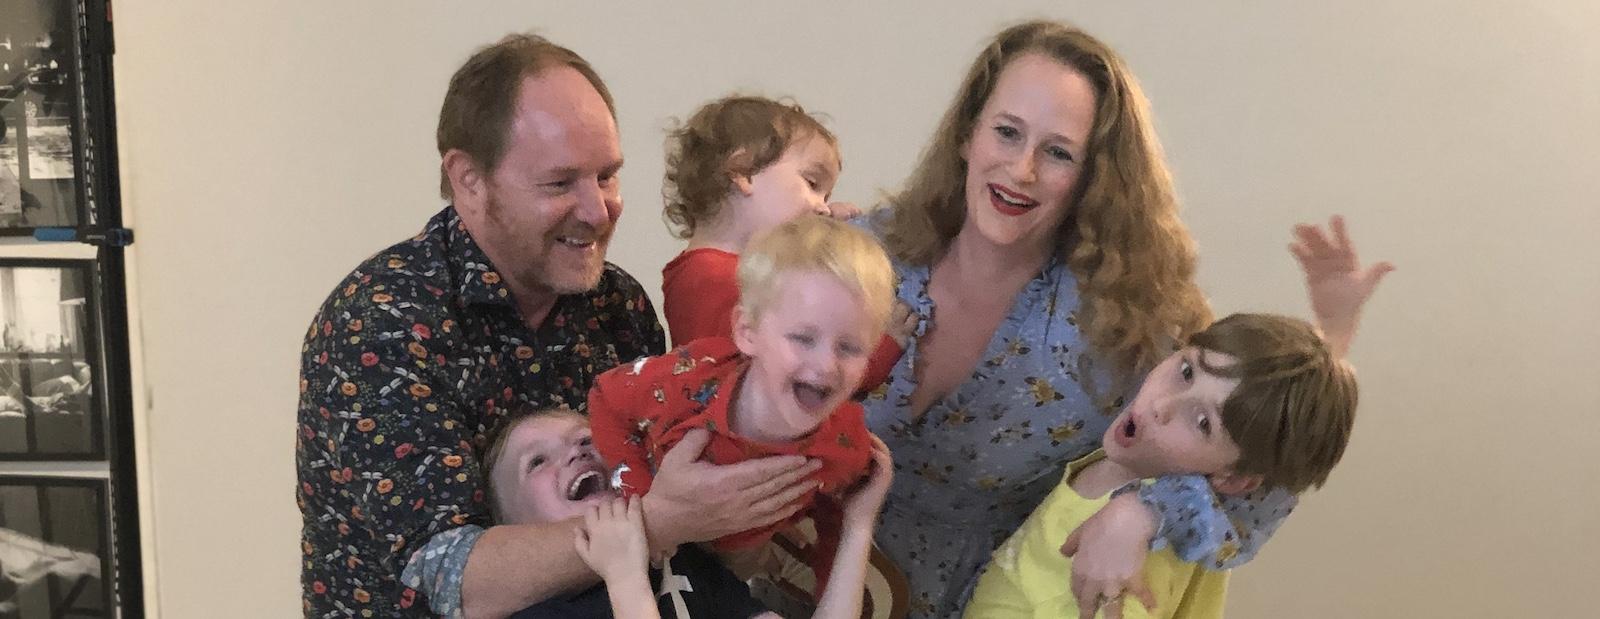 Tvillingboken och en otämjbar familj.